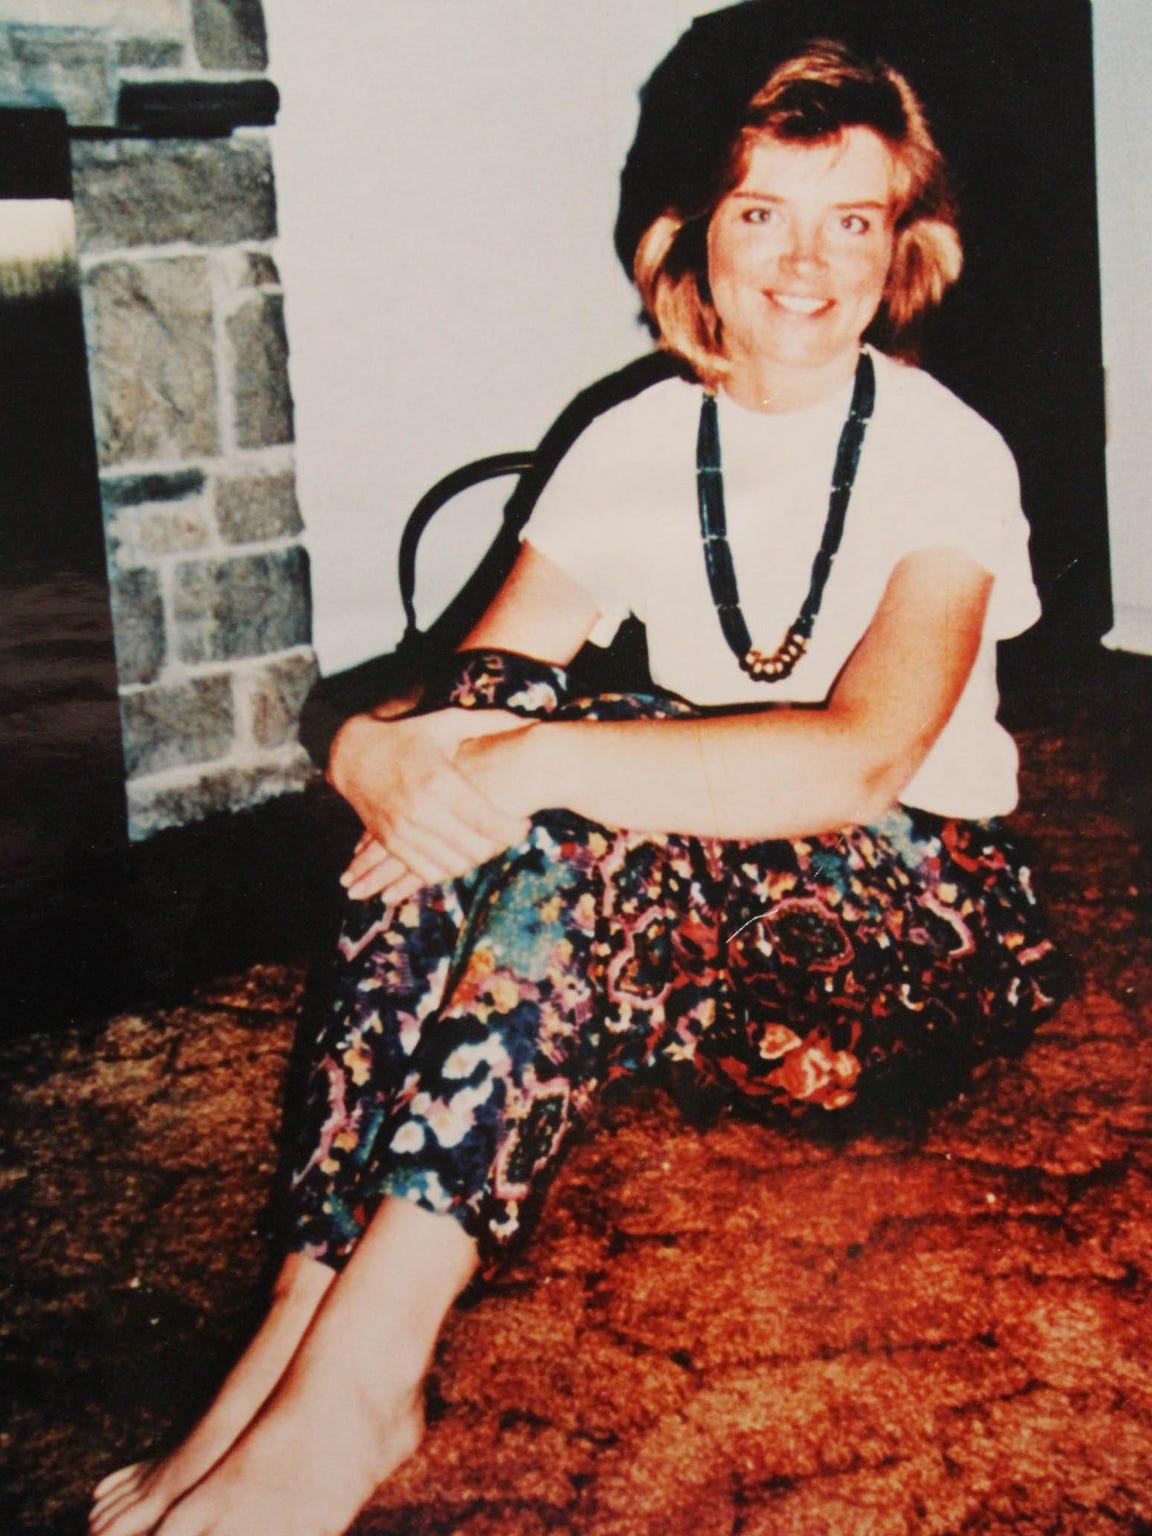 Paige Renkoski was last seen on May 24, 1990 on Interstate